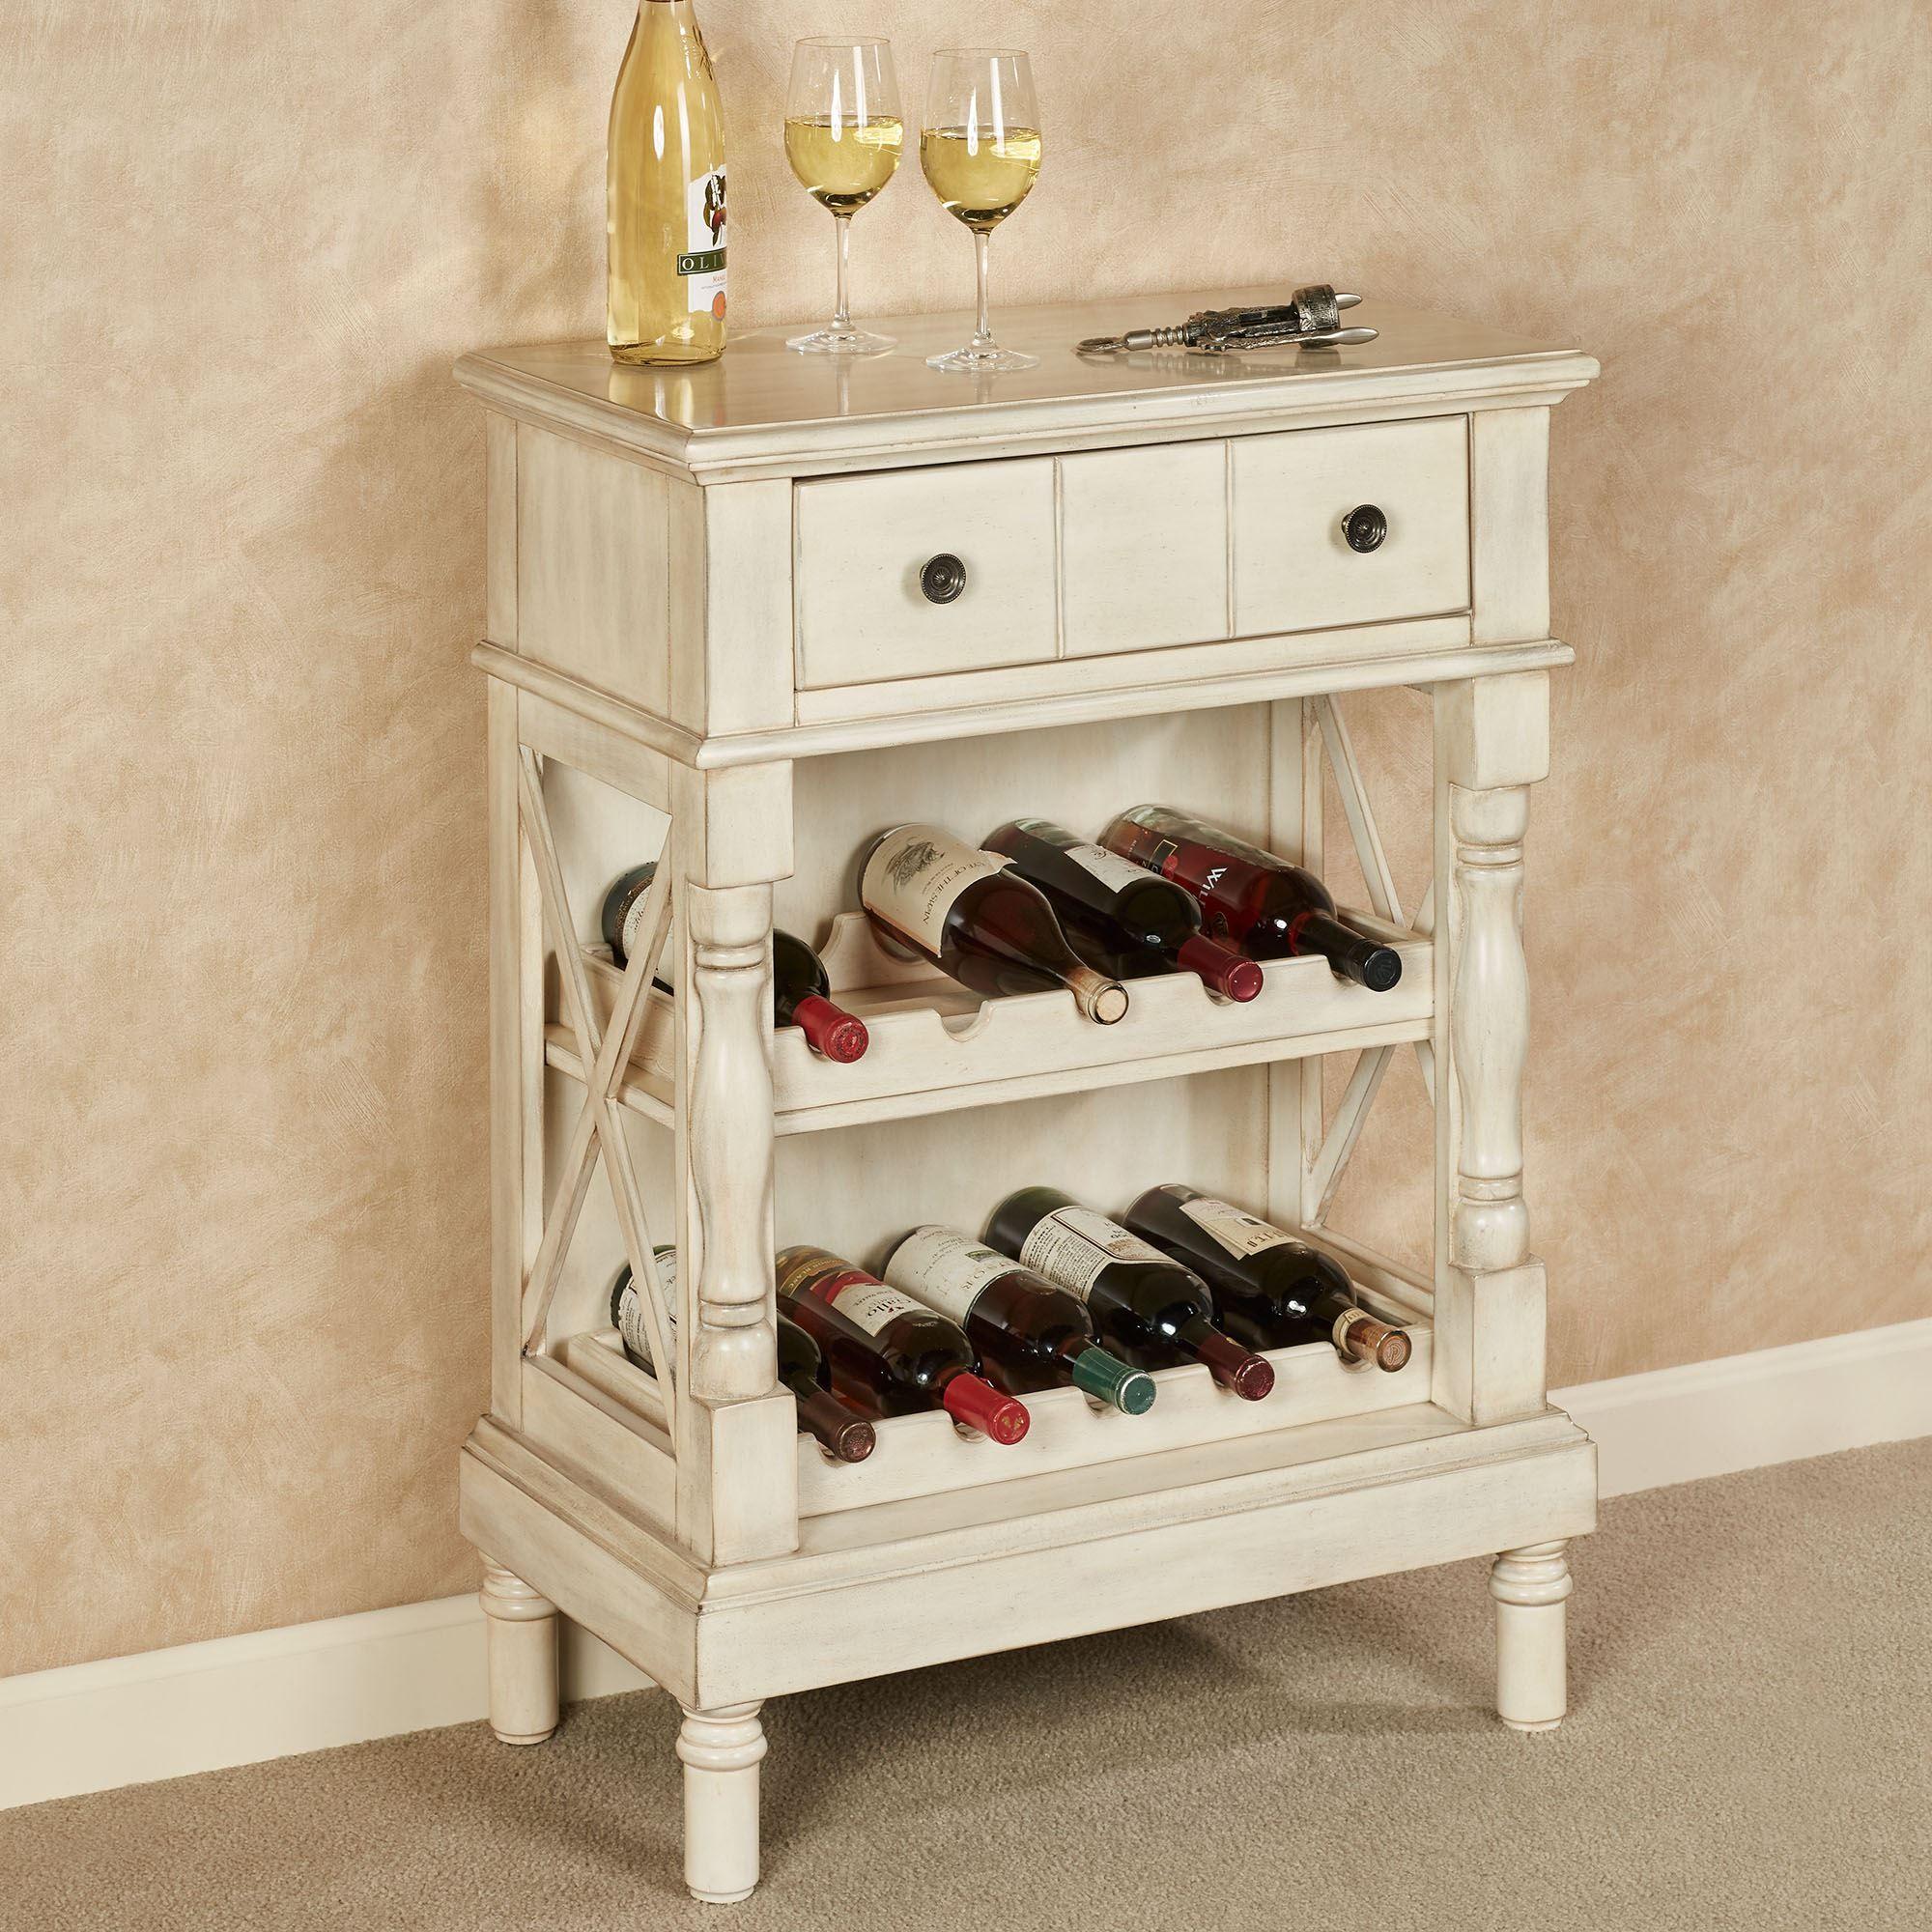 Amaryllis Wooden Wine Storage Cabinet